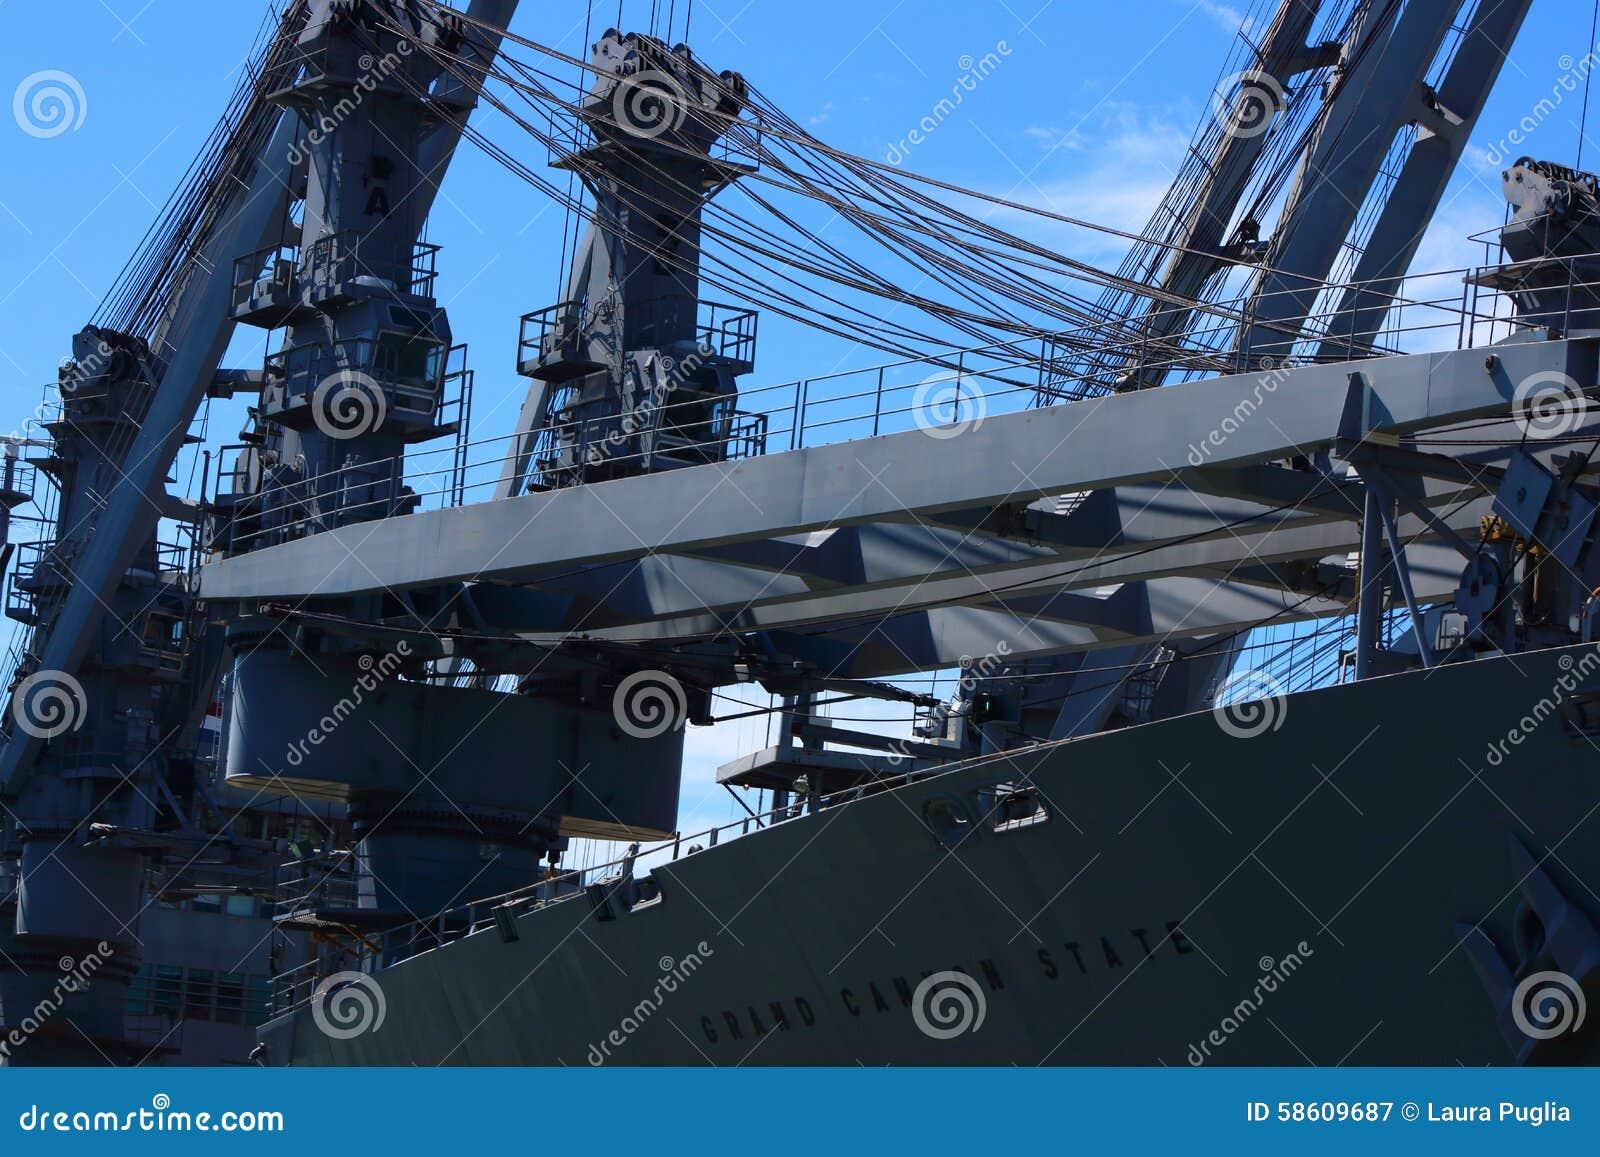 SS大峡谷状态海军载体